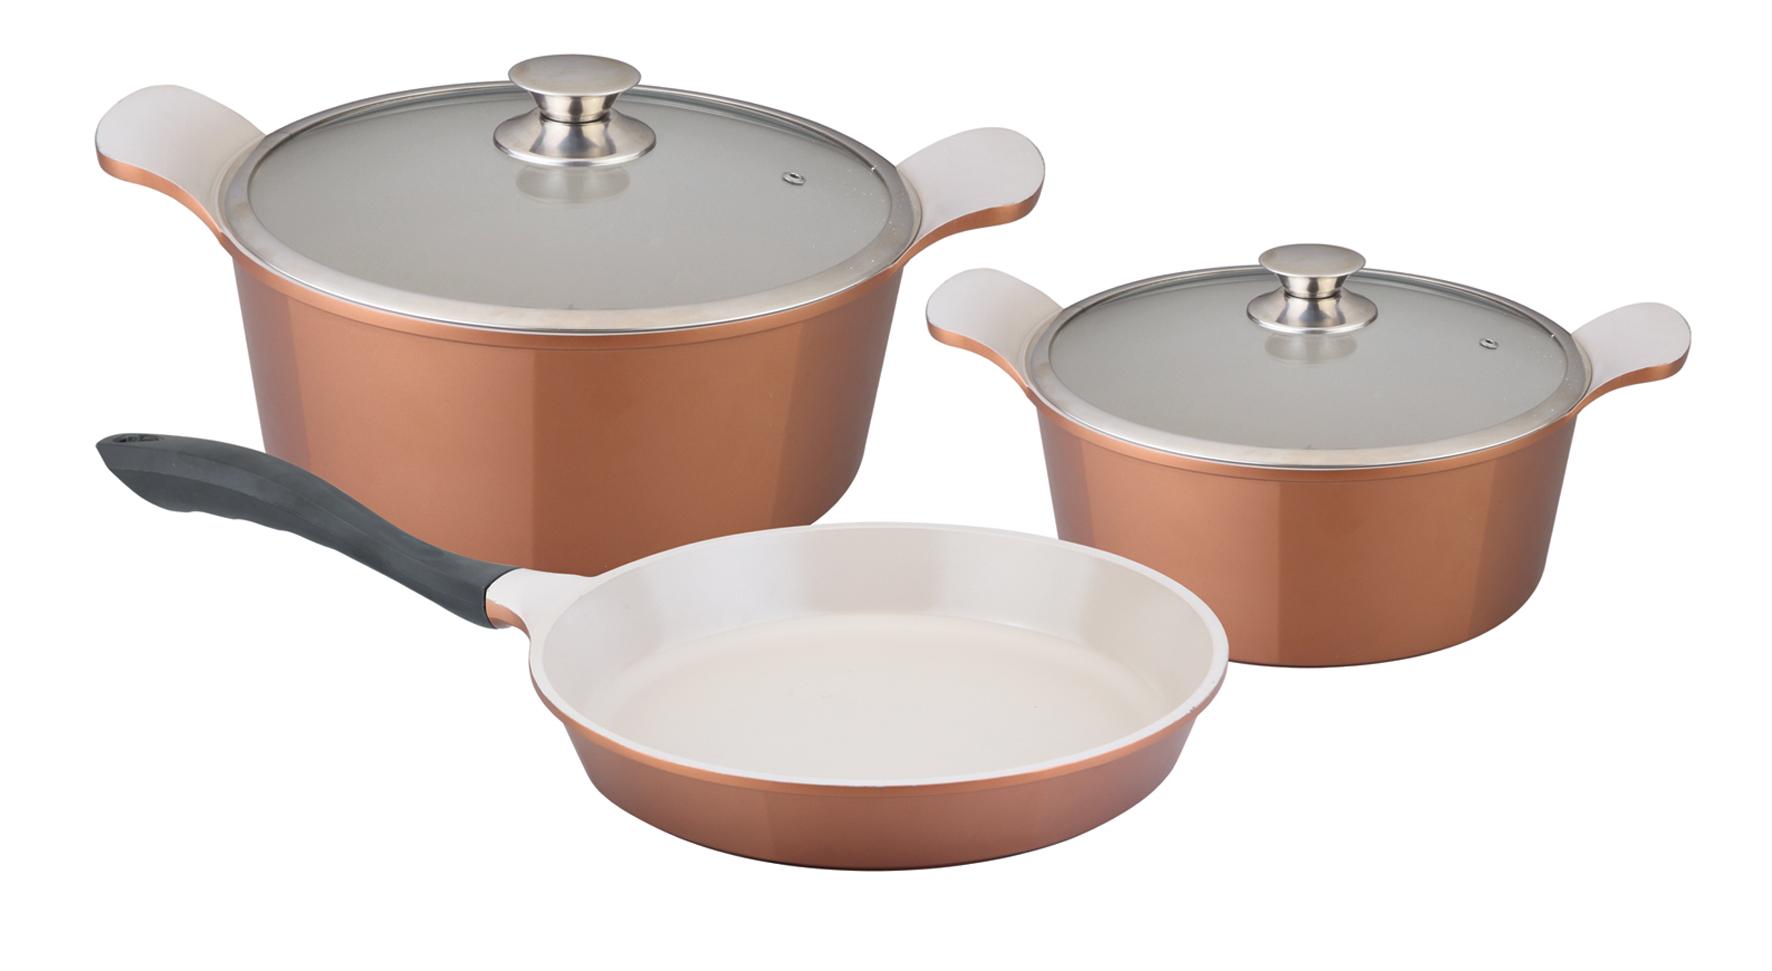 Набор посуды Winner, 5 предметов. WR-130194672В набор посуды Winner входят: 2 кастрюли с крышками и сковорода. Предметы набора выполнены из высококачественного литого алюминия с антипригарным керамическим нанопокрытием Ceralon. Посуда с нанопокрытием обладает высокой прочностью, жаро-, износо-, коррозийной стойкостью, химической инертностью. При нагревании до высоких температур не выделяет и не впитывает в себя вредных для человека химических соединений. Нанопокрытие гарантирует быстрый и равномерный нагрев посуды и существенную экономию электроэнергии. Данная технология позволяет исключить деформацию корпуса при частом и длительном использовании посуды. Посуда имеет внешнее цветное жаропрочное силиконовое покрытие. Крышки, выполненные из термостойкого стекла, позволят вам следить за процессом приготовления пищи. Крышки плотно прилегают к краям посуды, предотвращая проливание жидкости и сохраняя аромат блюд.Изделия подходят для использования на всех типах плит, включая индукционные. Можно мыть в посудомоечной машине.Это идеальный подарок для современных хозяек, которые следят за своим здоровьем и здоровьем своей семьи. Эргономичный дизайн и функциональность набора позволят вам наслаждаться процессом приготовления любимых, полезных для здоровья блюд. Характеристики: Материал: литой алюминий, стекло. Объем кастрюль: 2,4 л, 6,3 л. Внутренний диаметр кастрюль: 20 см, 28 см. Высота стенок кастрюль: 8,7 см, 11,5 см. Диаметр индукционного дна кастрюль: 15,5 см, 21 см. Внутренний диаметр сковороды: 28 см. Объем сковороды: 2,5 л. Высота стенки сковороды: 4 см. Длина ручки сковороды: 23 см. Диаметр индукционного дна сковороды: 21,5 см. Толщина стенок посуды: 2 мм. Толщина дна посуды: 0,5 см. Производитель: Германия. Изготовитель: Китай. УВАЖАЕМЫЕ КЛИЕНТЫ! Обращаем ваше внимание на тот факт, что объем кастрюли указан максимальный, с учетомполного наполнения до кромки. Рабочий объем кастрюли имеет меньший литраж.